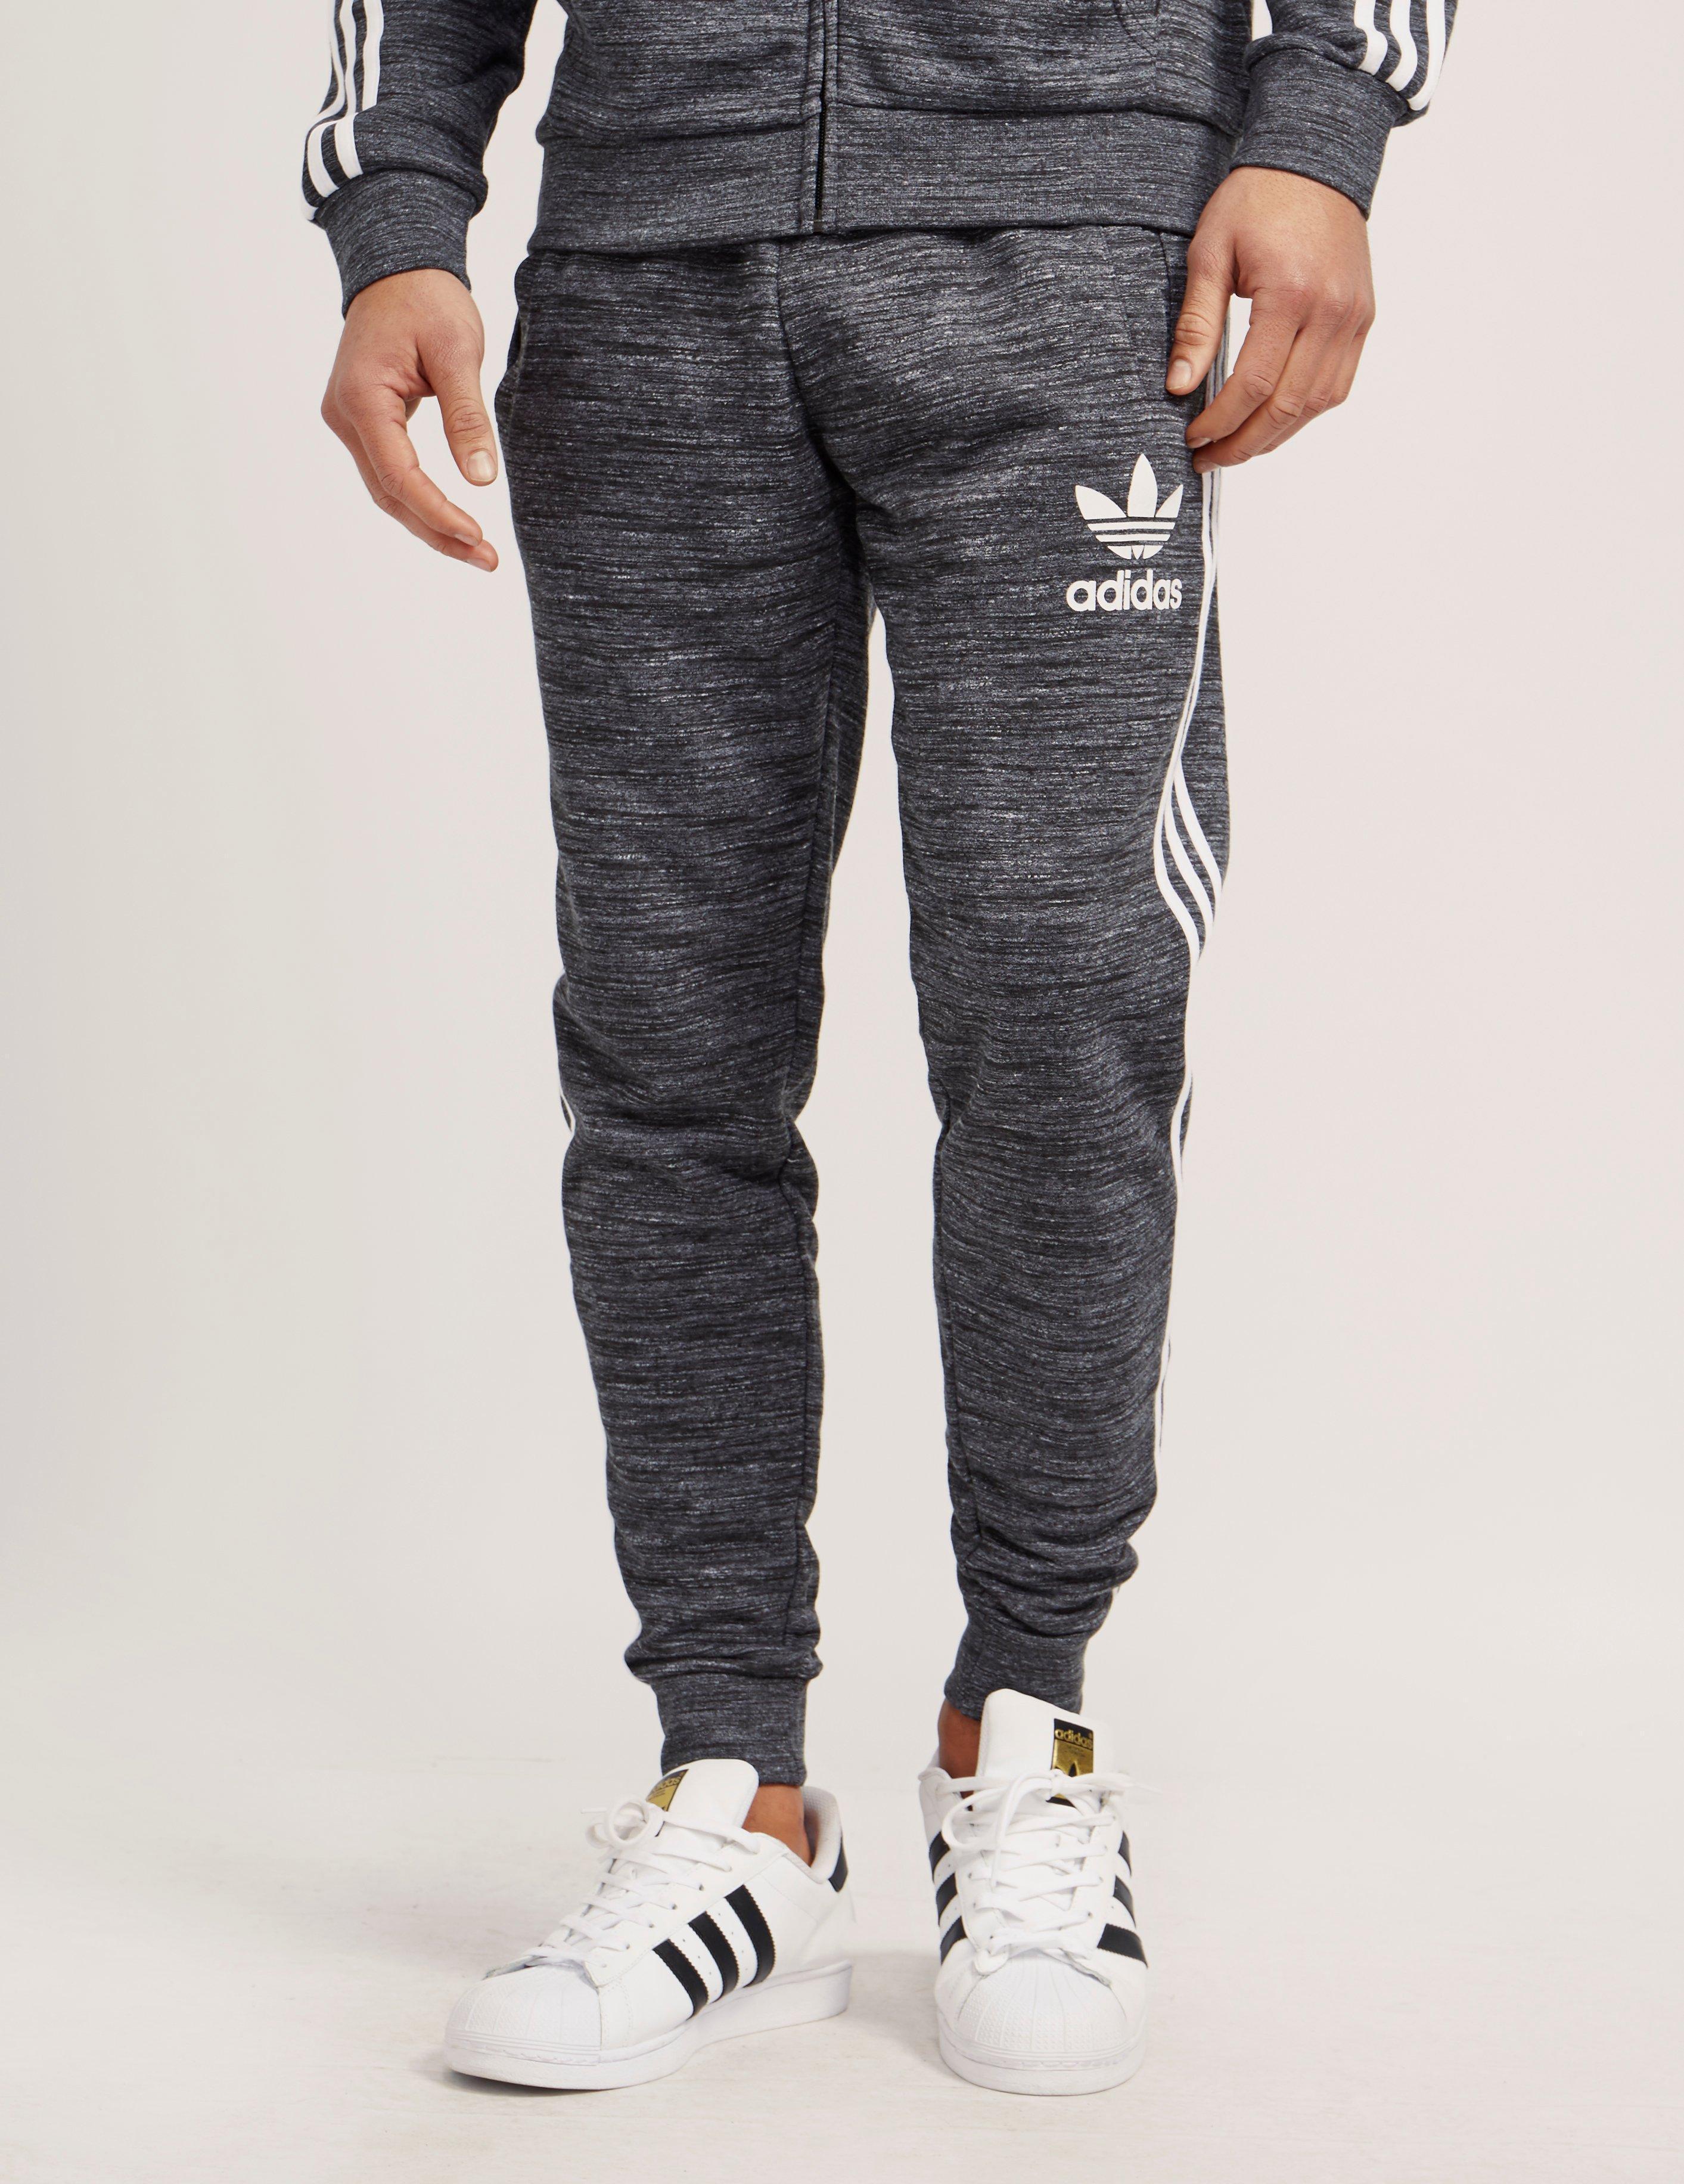 lyst adidas originali california - pantaloni della tuta in grigio per gli uomini.